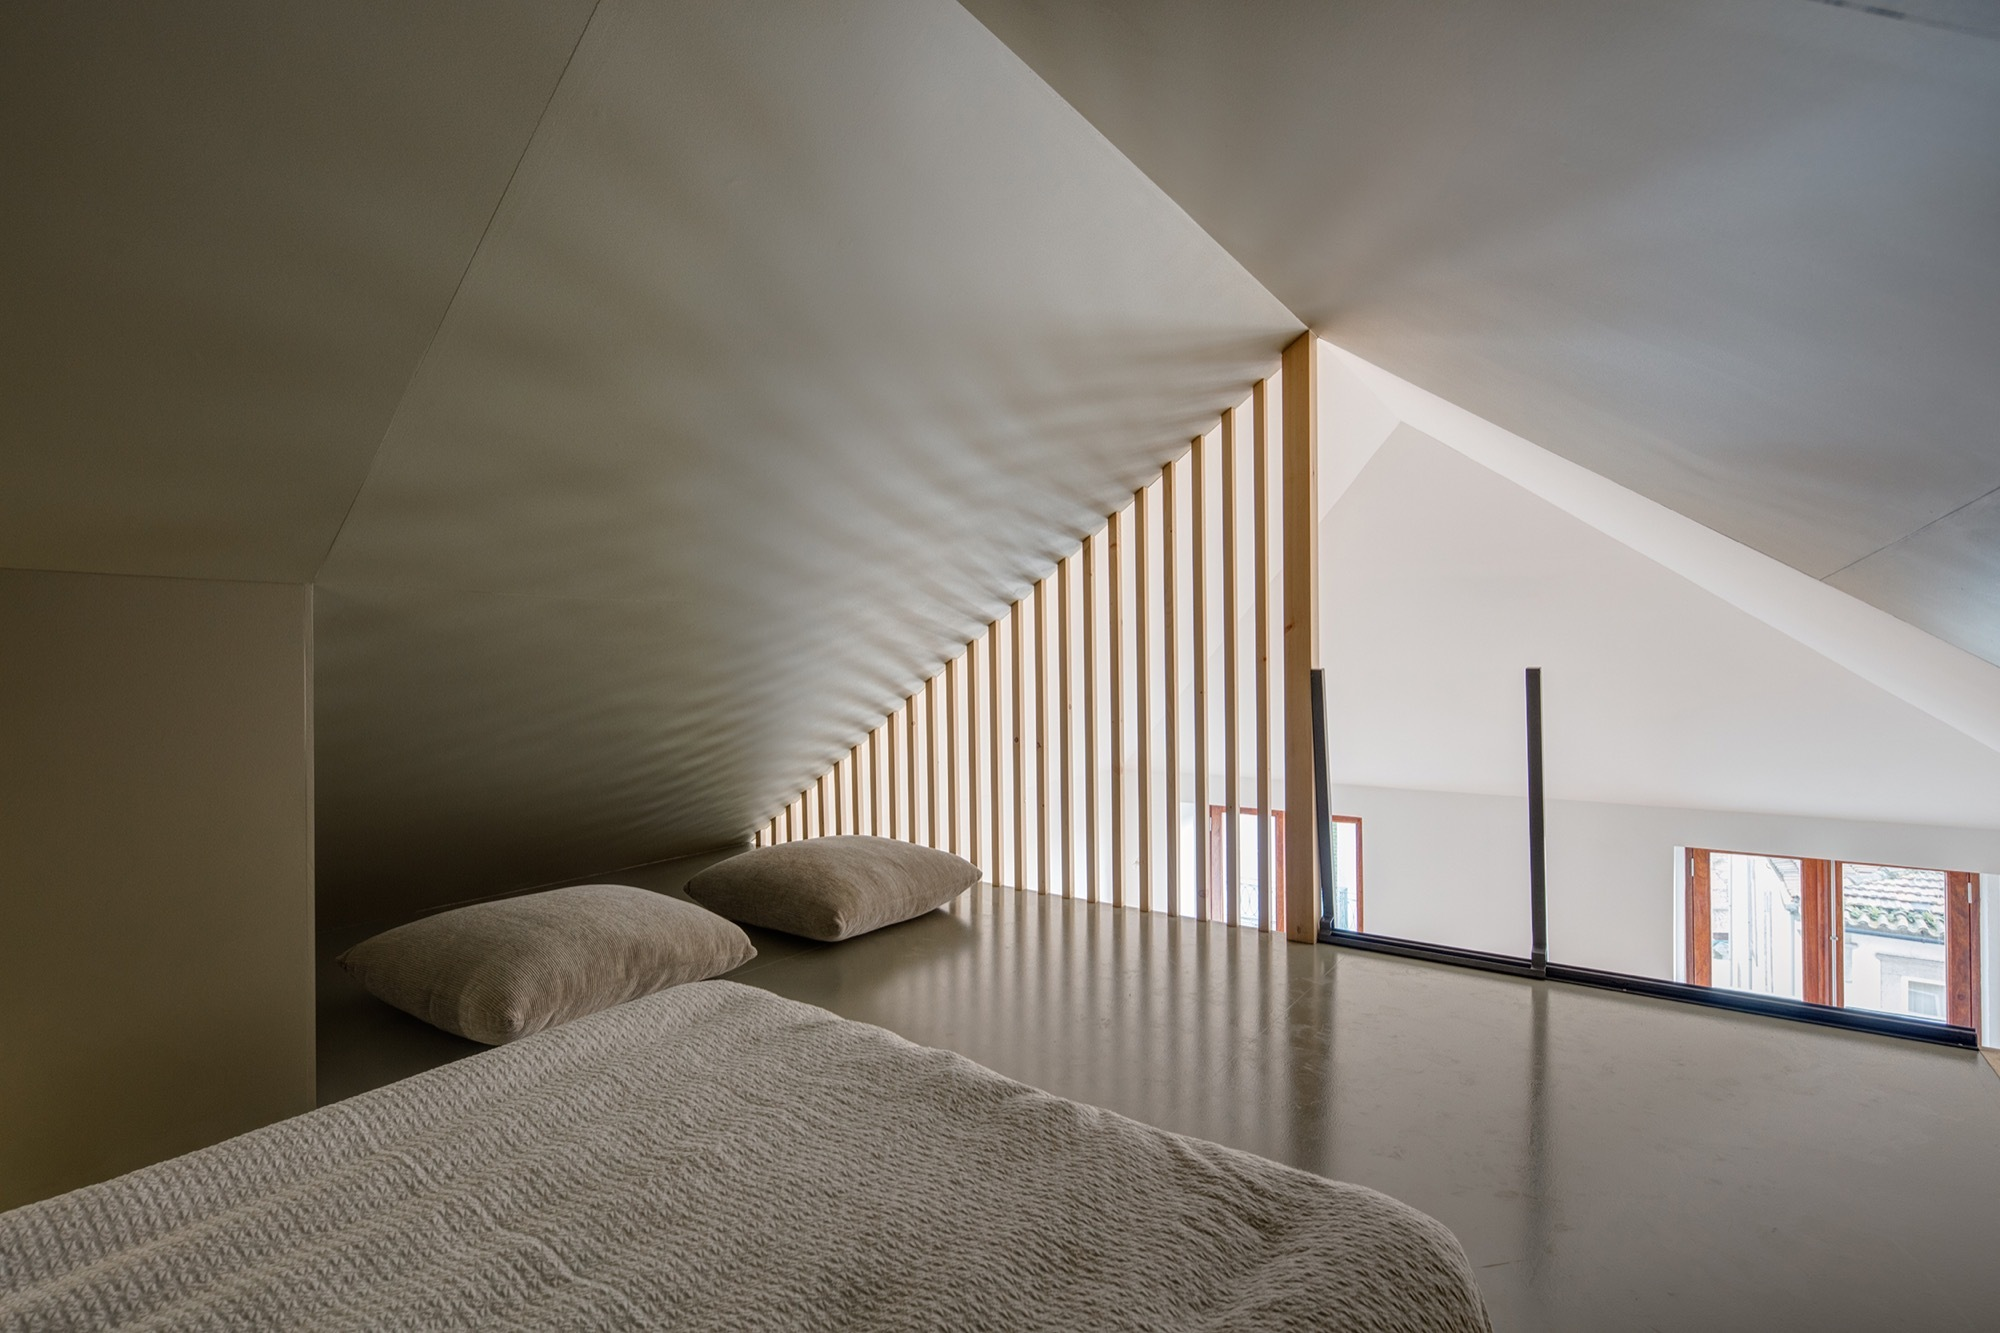 Уникальные способы создания иллюзии высокого потолка